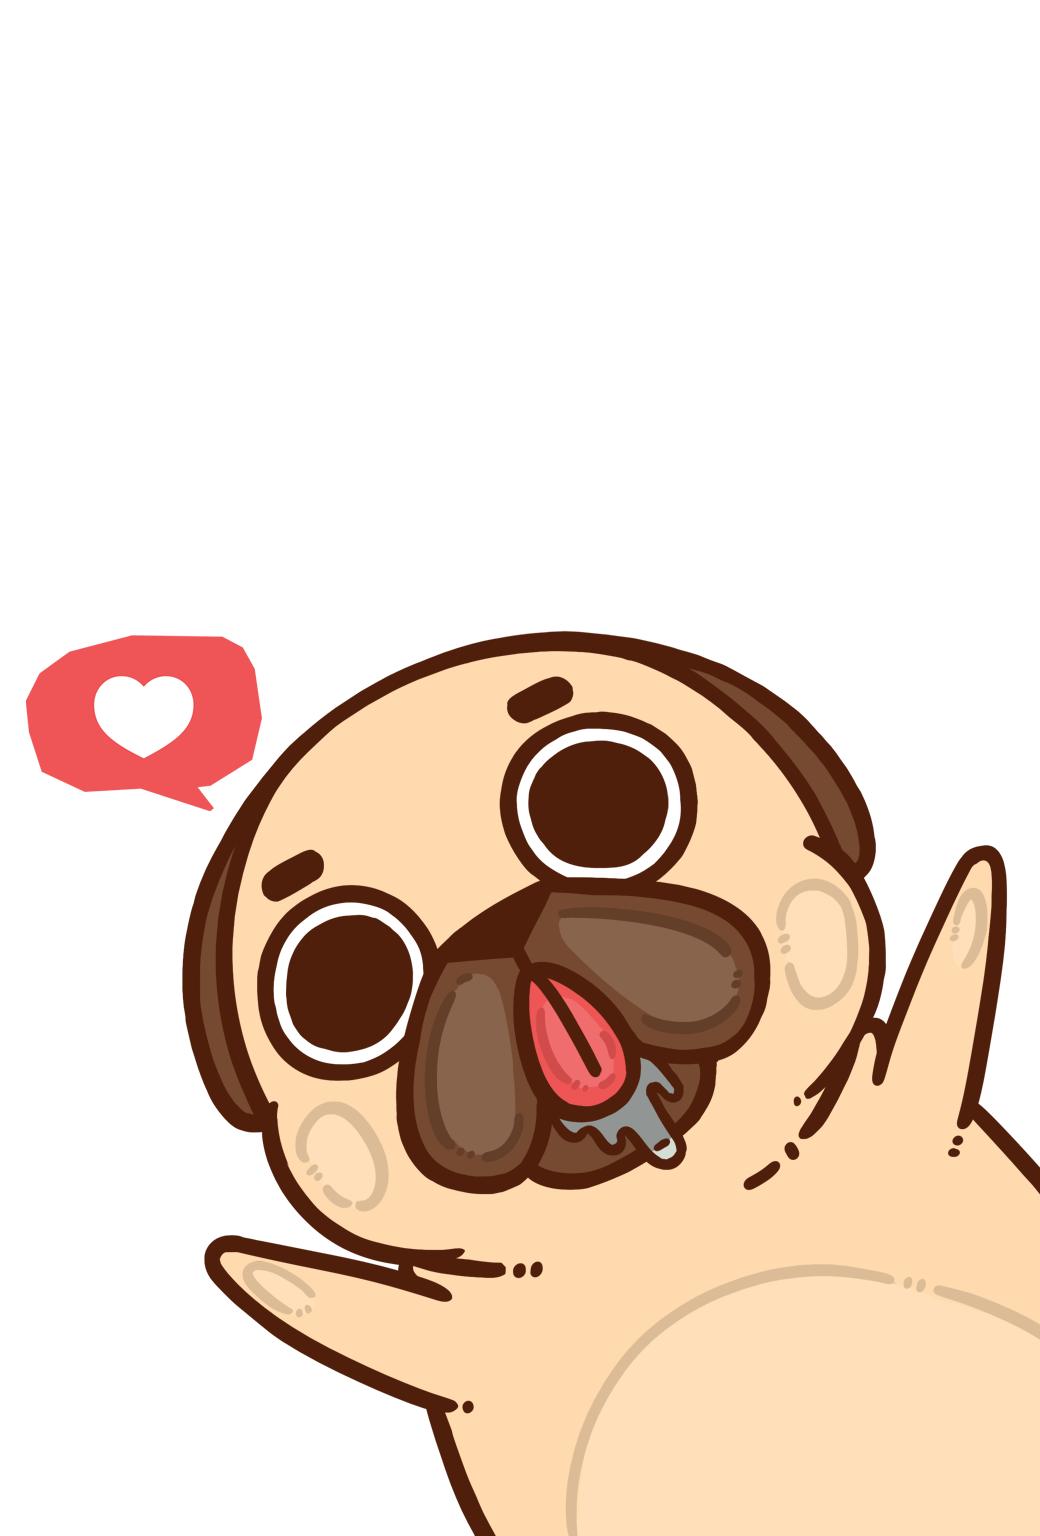 Kawaii Dog Wallpapers Top Free Kawaii Dog Backgrounds Wallpaperaccess